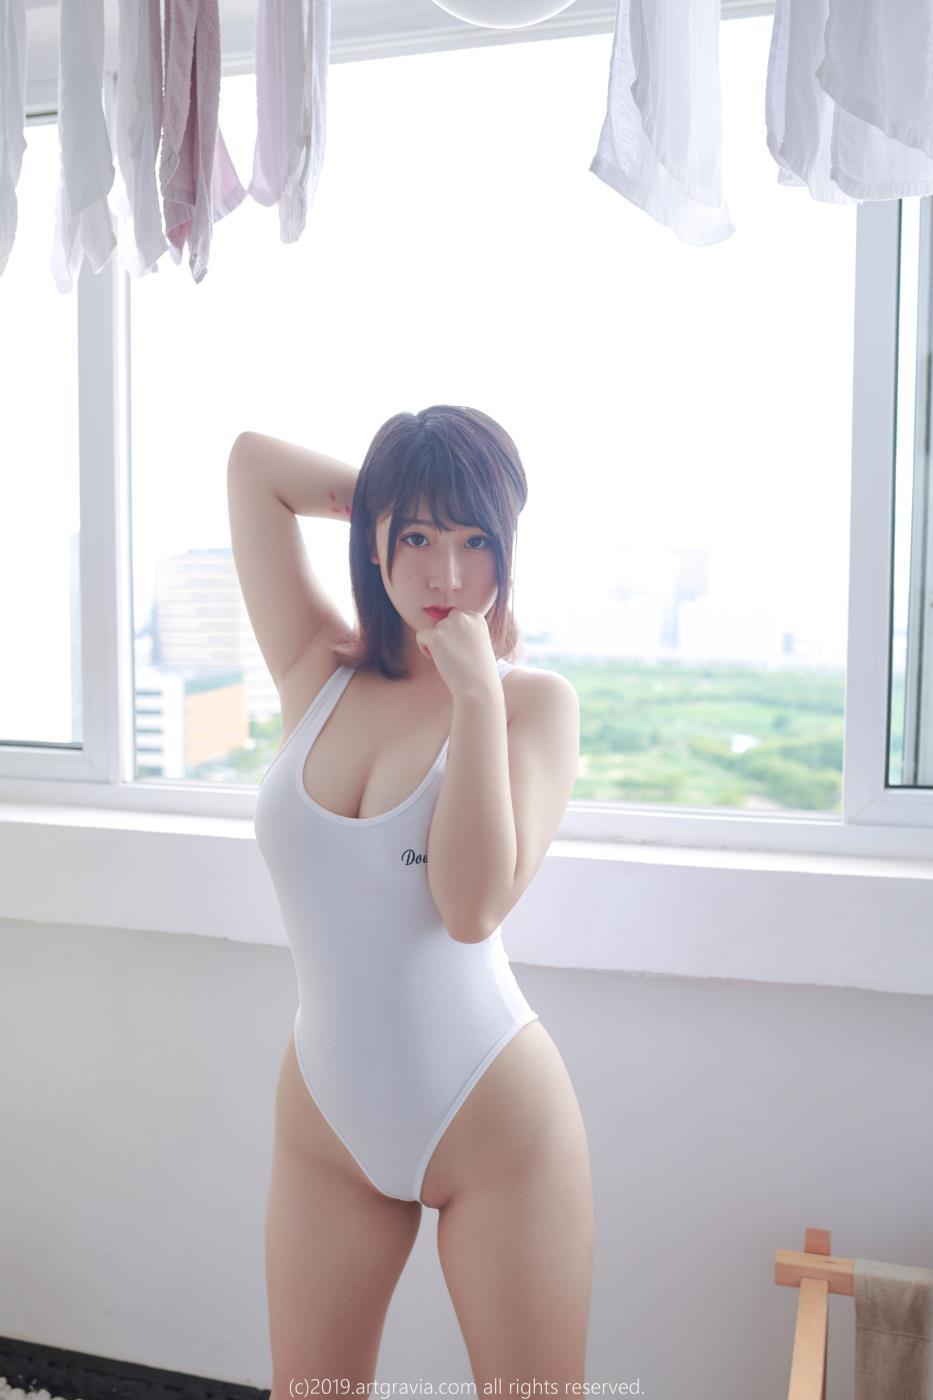 猫九酱Sakura – 童颜巨乳女主播写真合集下载